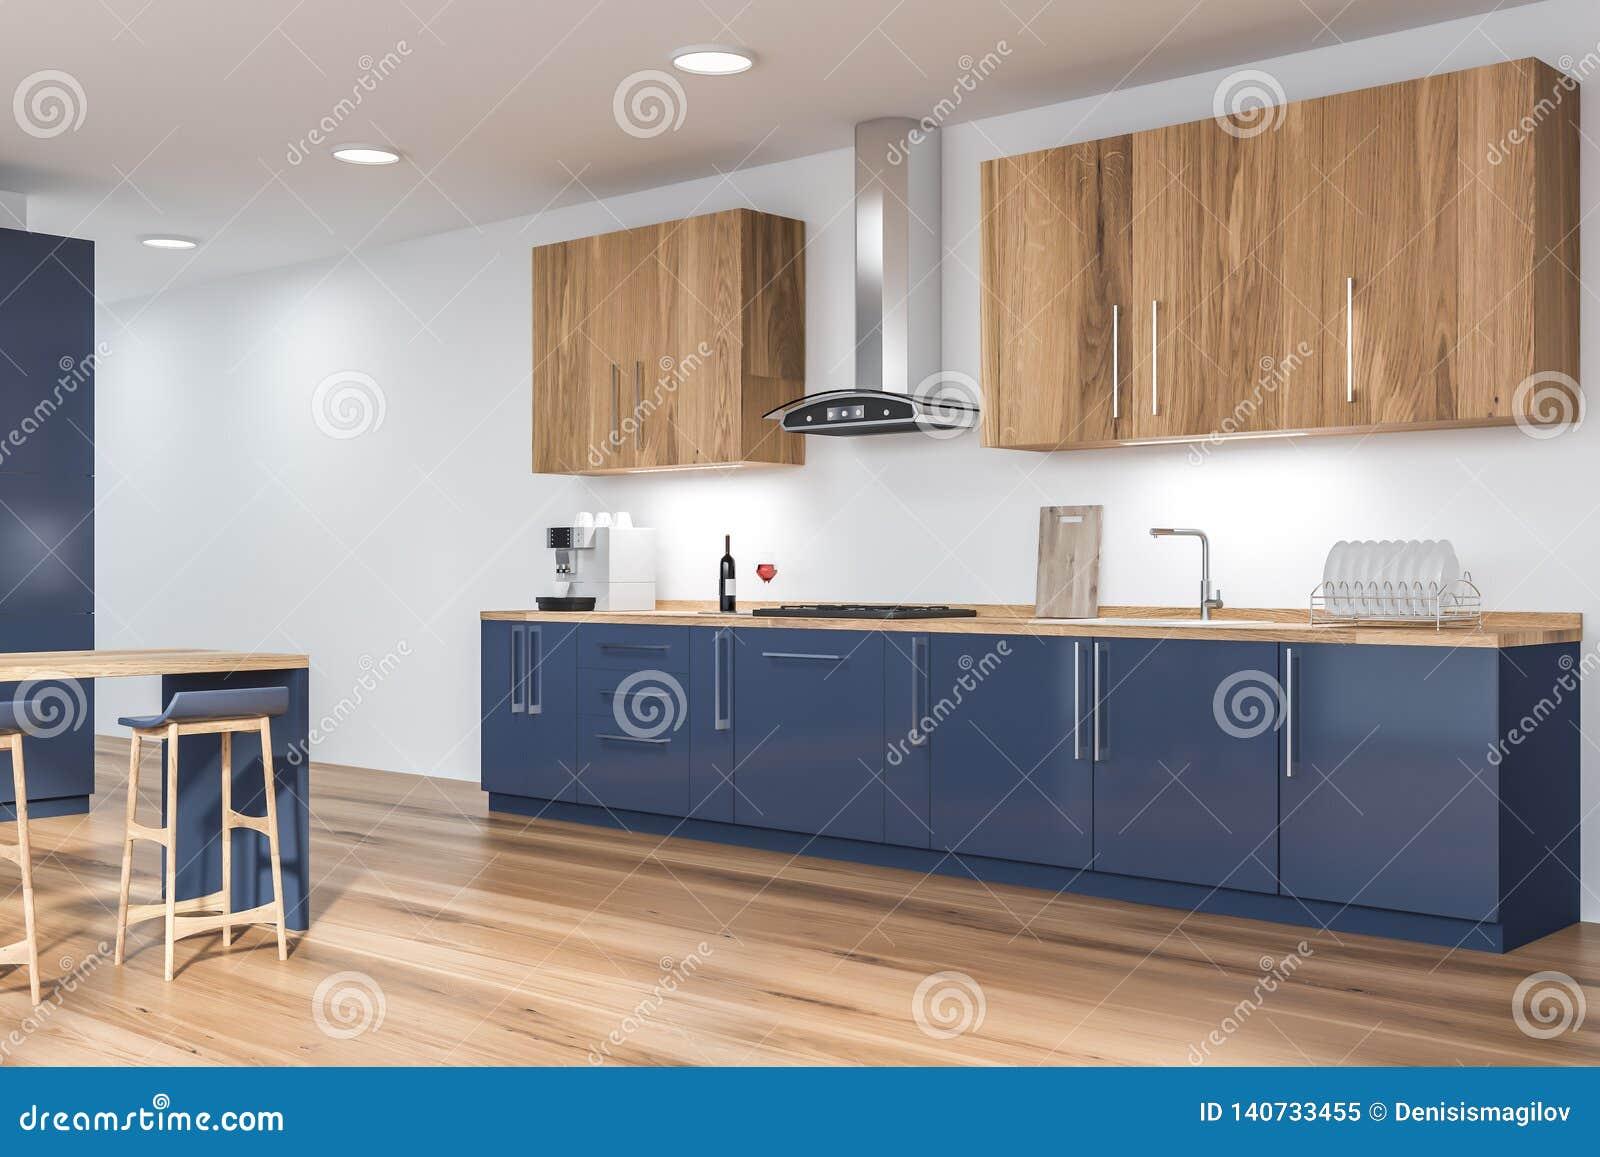 Remarkable Kitchen Corner With Blue Countertops Stock Illustration Inzonedesignstudio Interior Chair Design Inzonedesignstudiocom